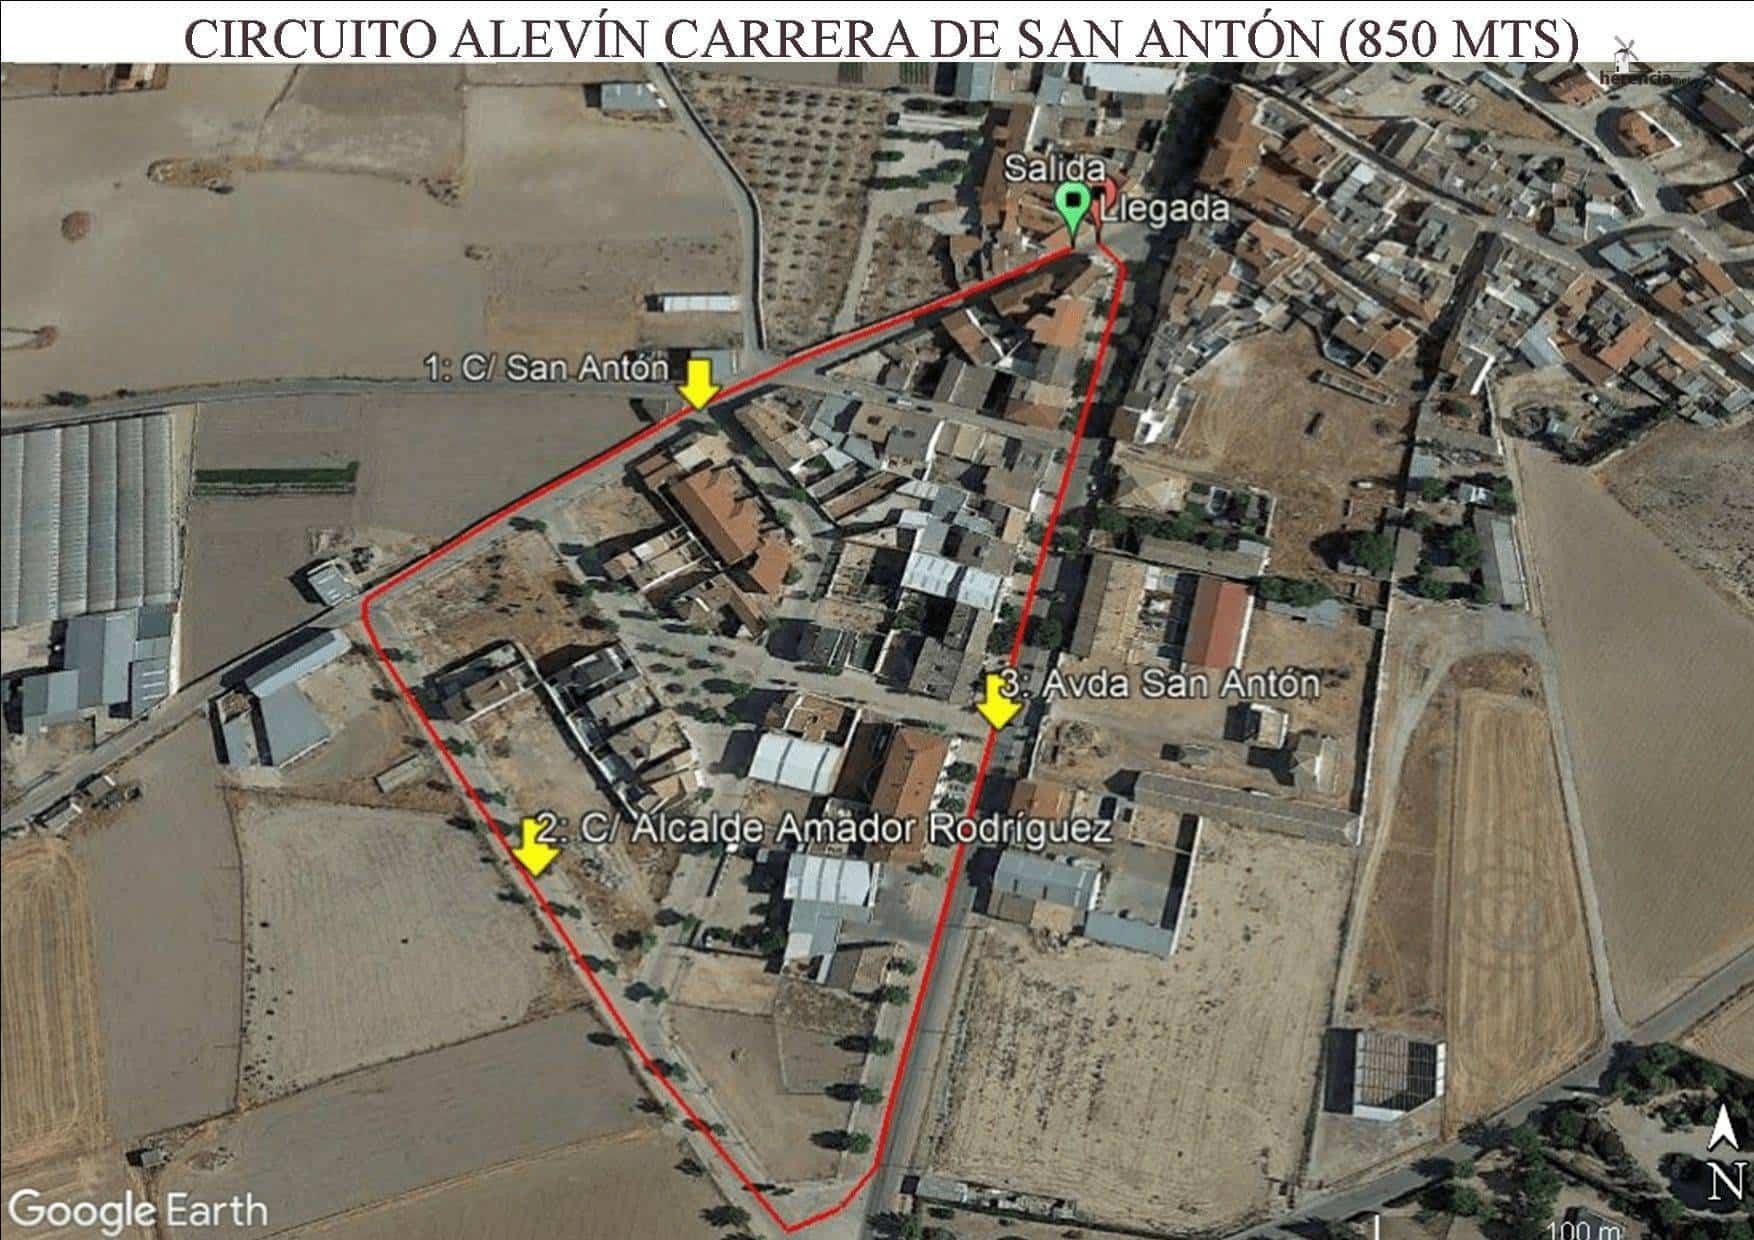 circuito Alevin CPSA - XVIII Carrera popular de San Antón contra el cáncer